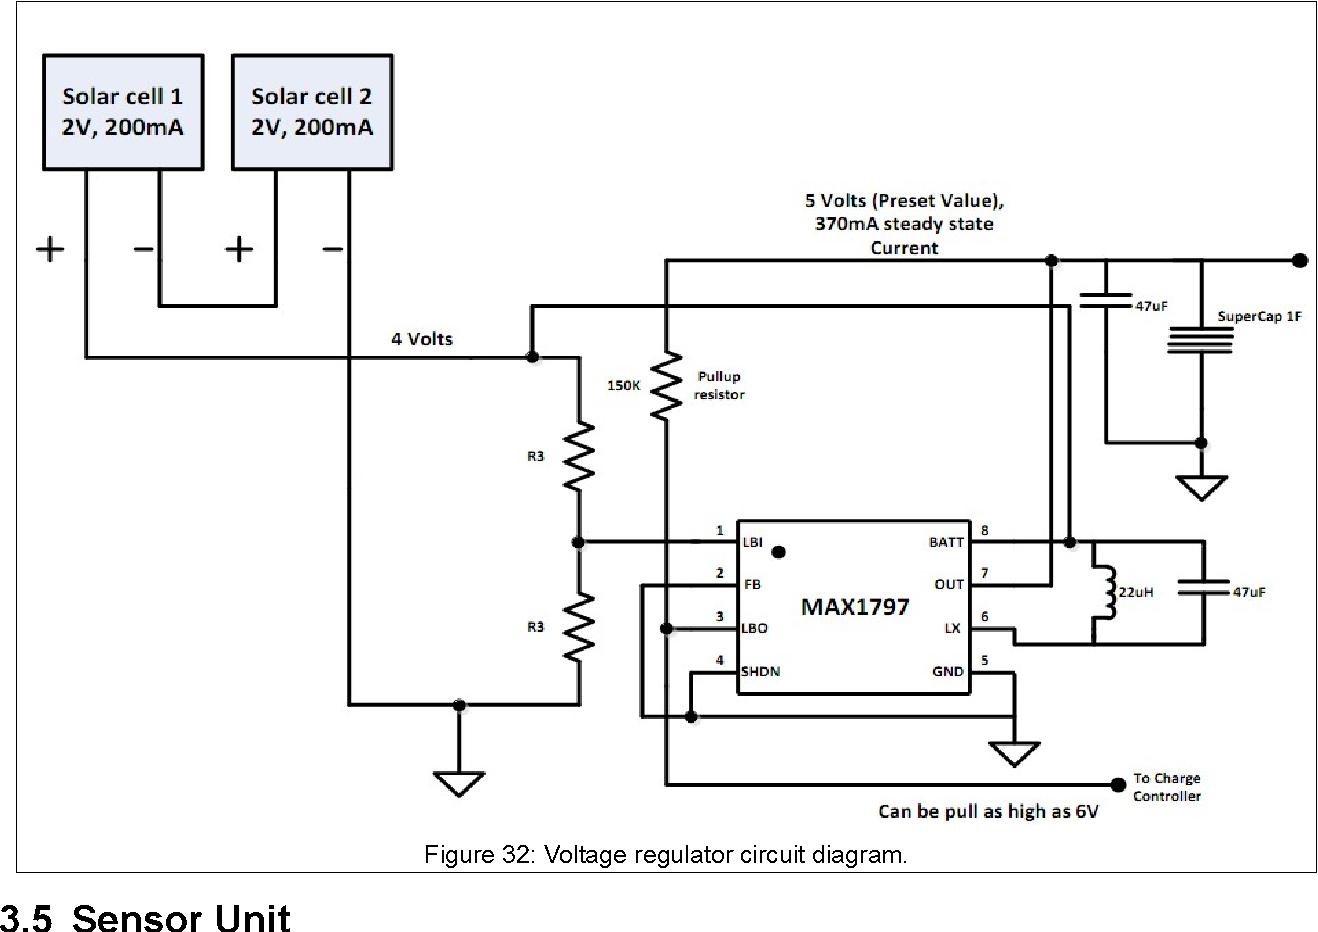 Design Of Autonomous Low Power Sensor For Soil Moisture Measurement 5 Volt Voltage Regulator Circuit Semantic Scholar